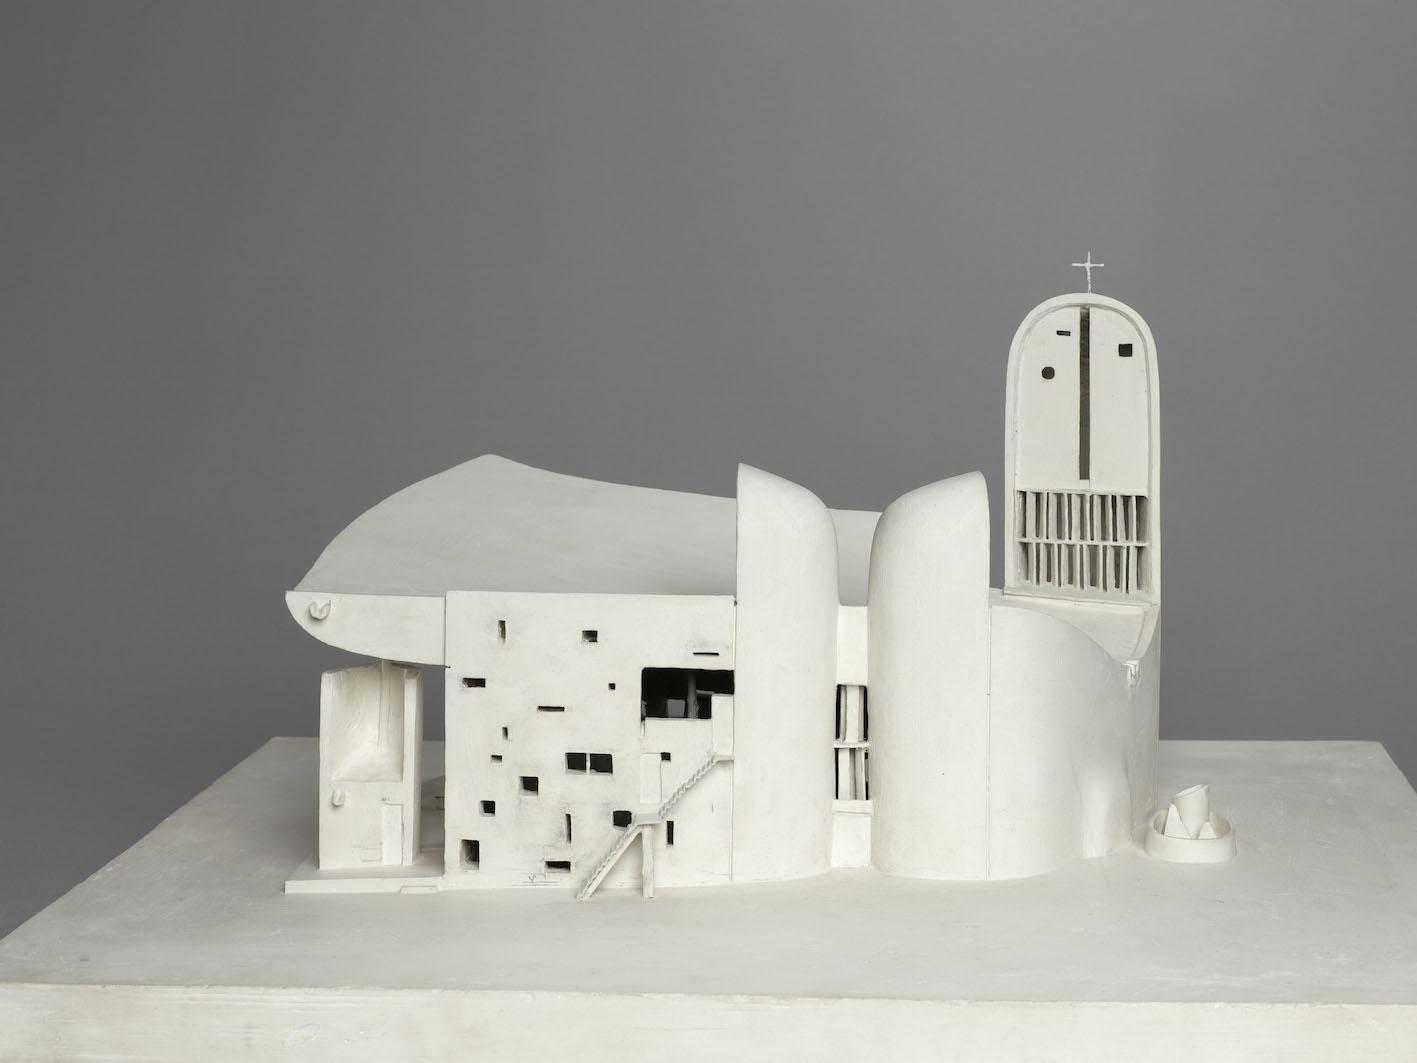 Le Corbusier, Chapelle Notre-Dame-du-Haut, Ronchamp, 1955.